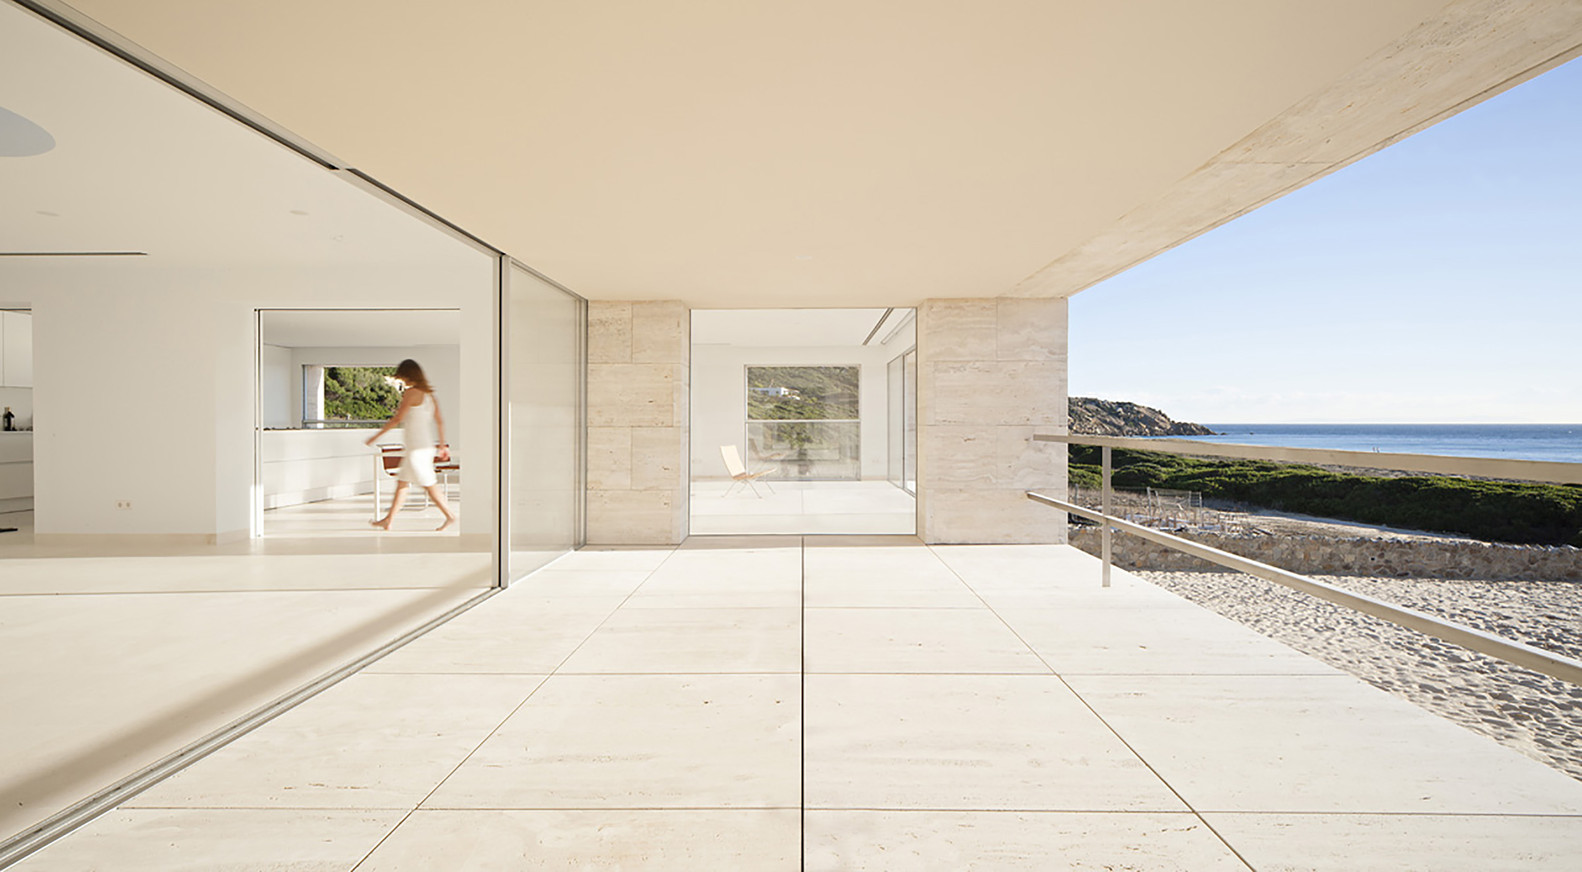 """8 13 - """"Casa del infinito"""": Horizonte espectacular de cielo y mar en Zahara de los Atunes (Cádiz)"""